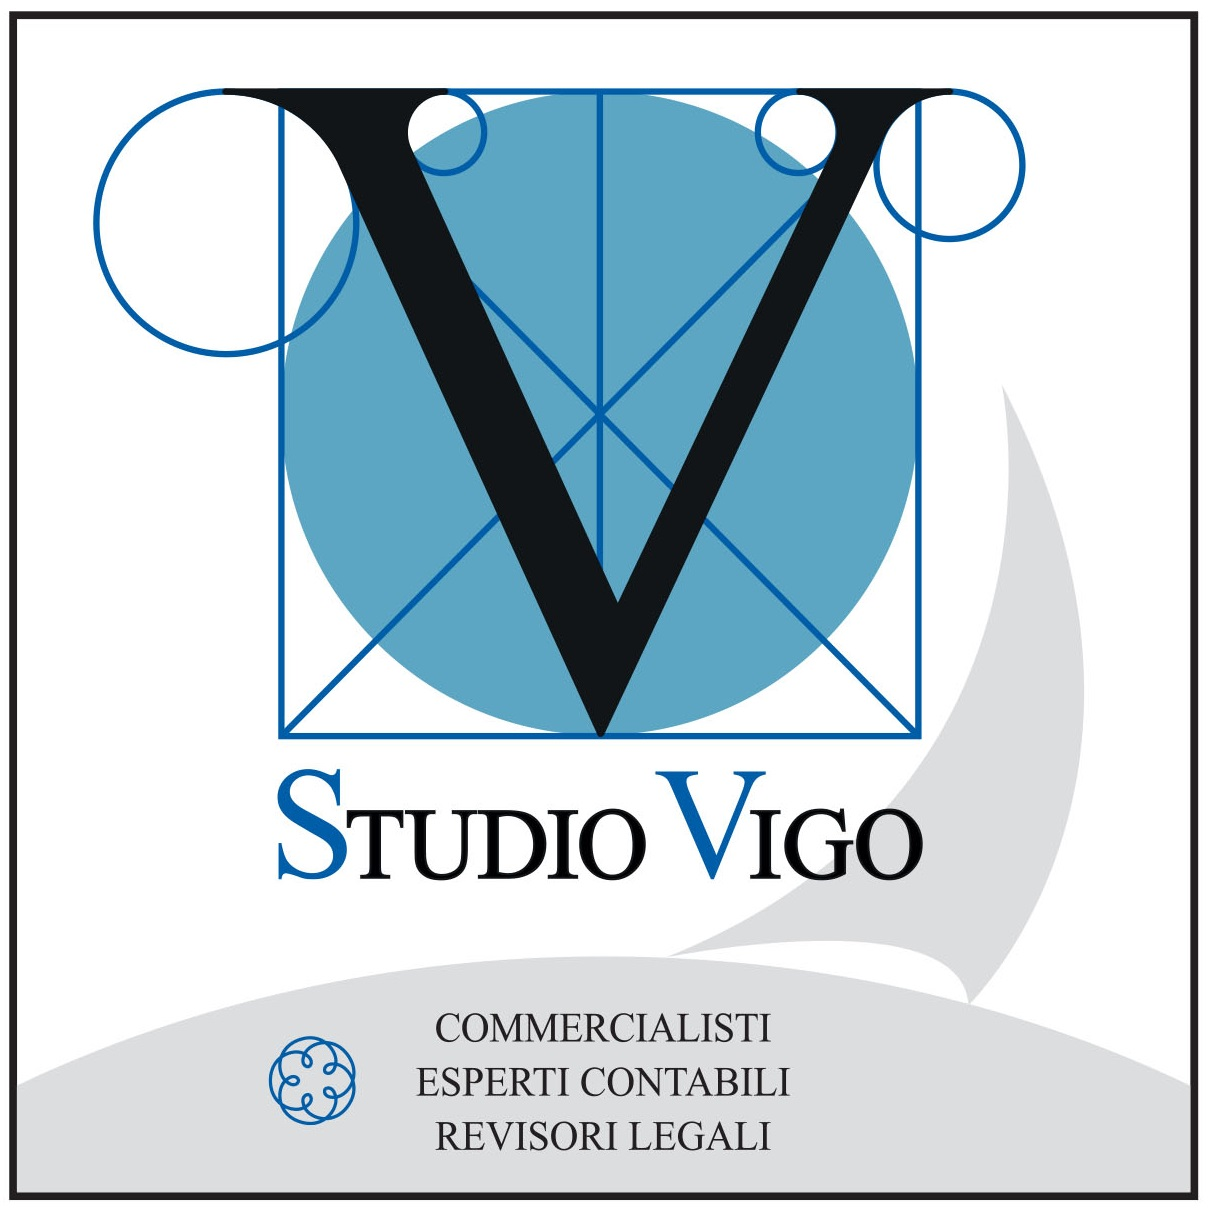 Studio Vigo - Fabrizio Vigo